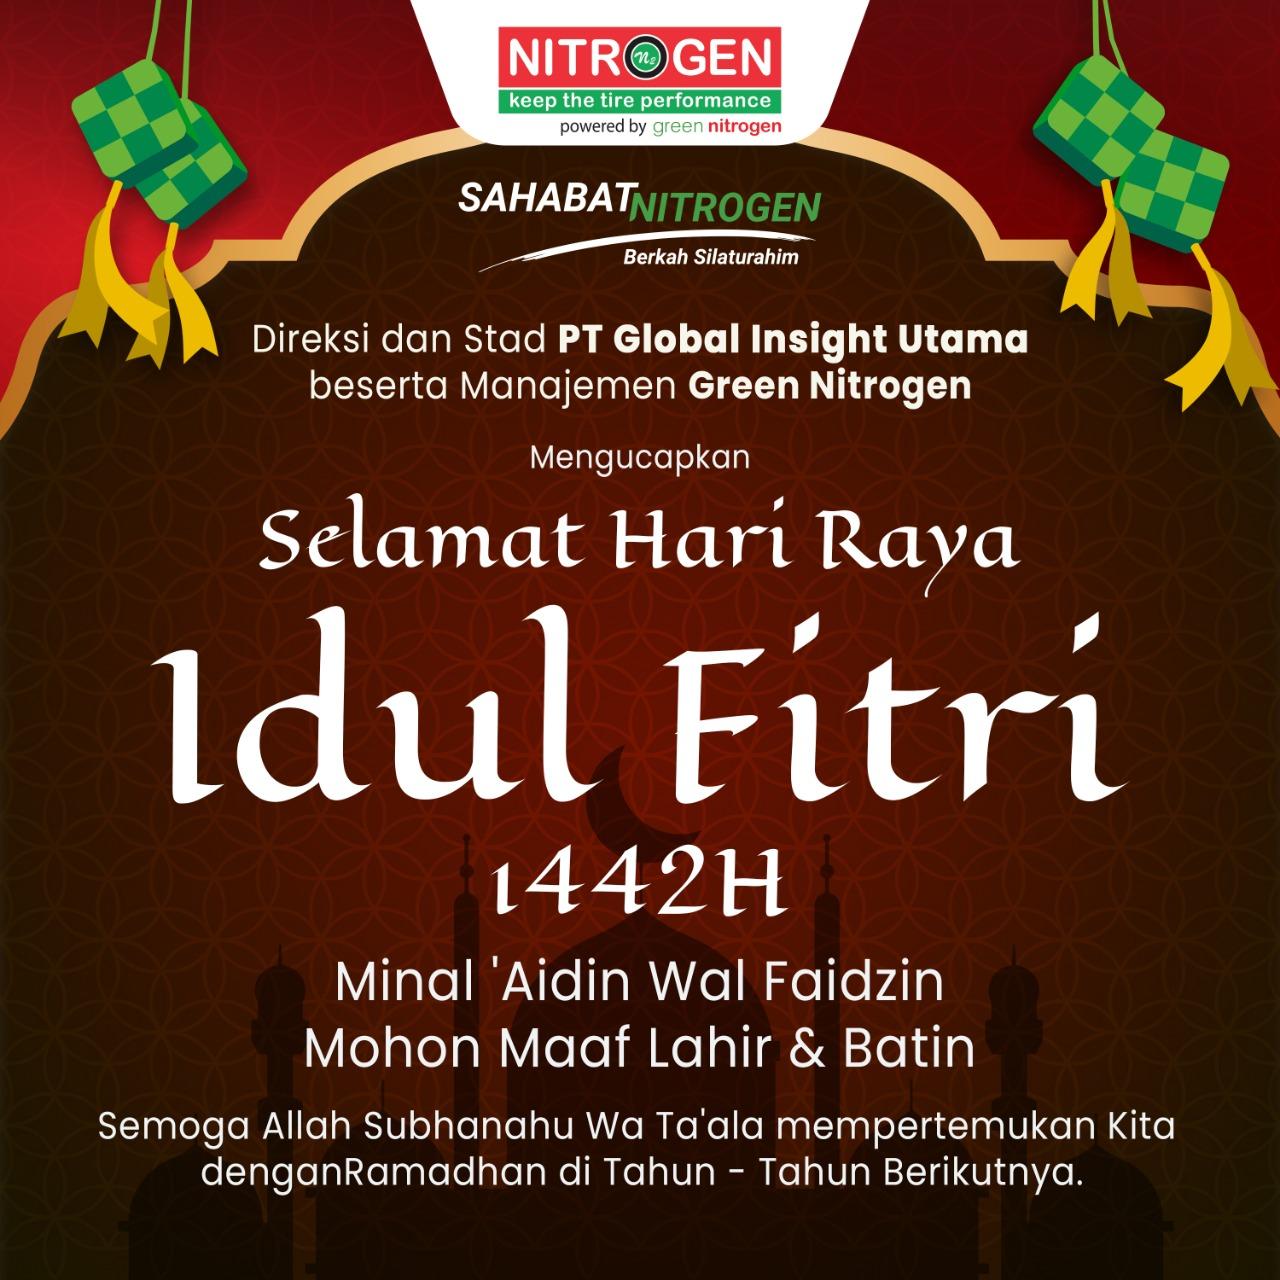 Selamat Hari Raya Idul Fitri 1442 H?>